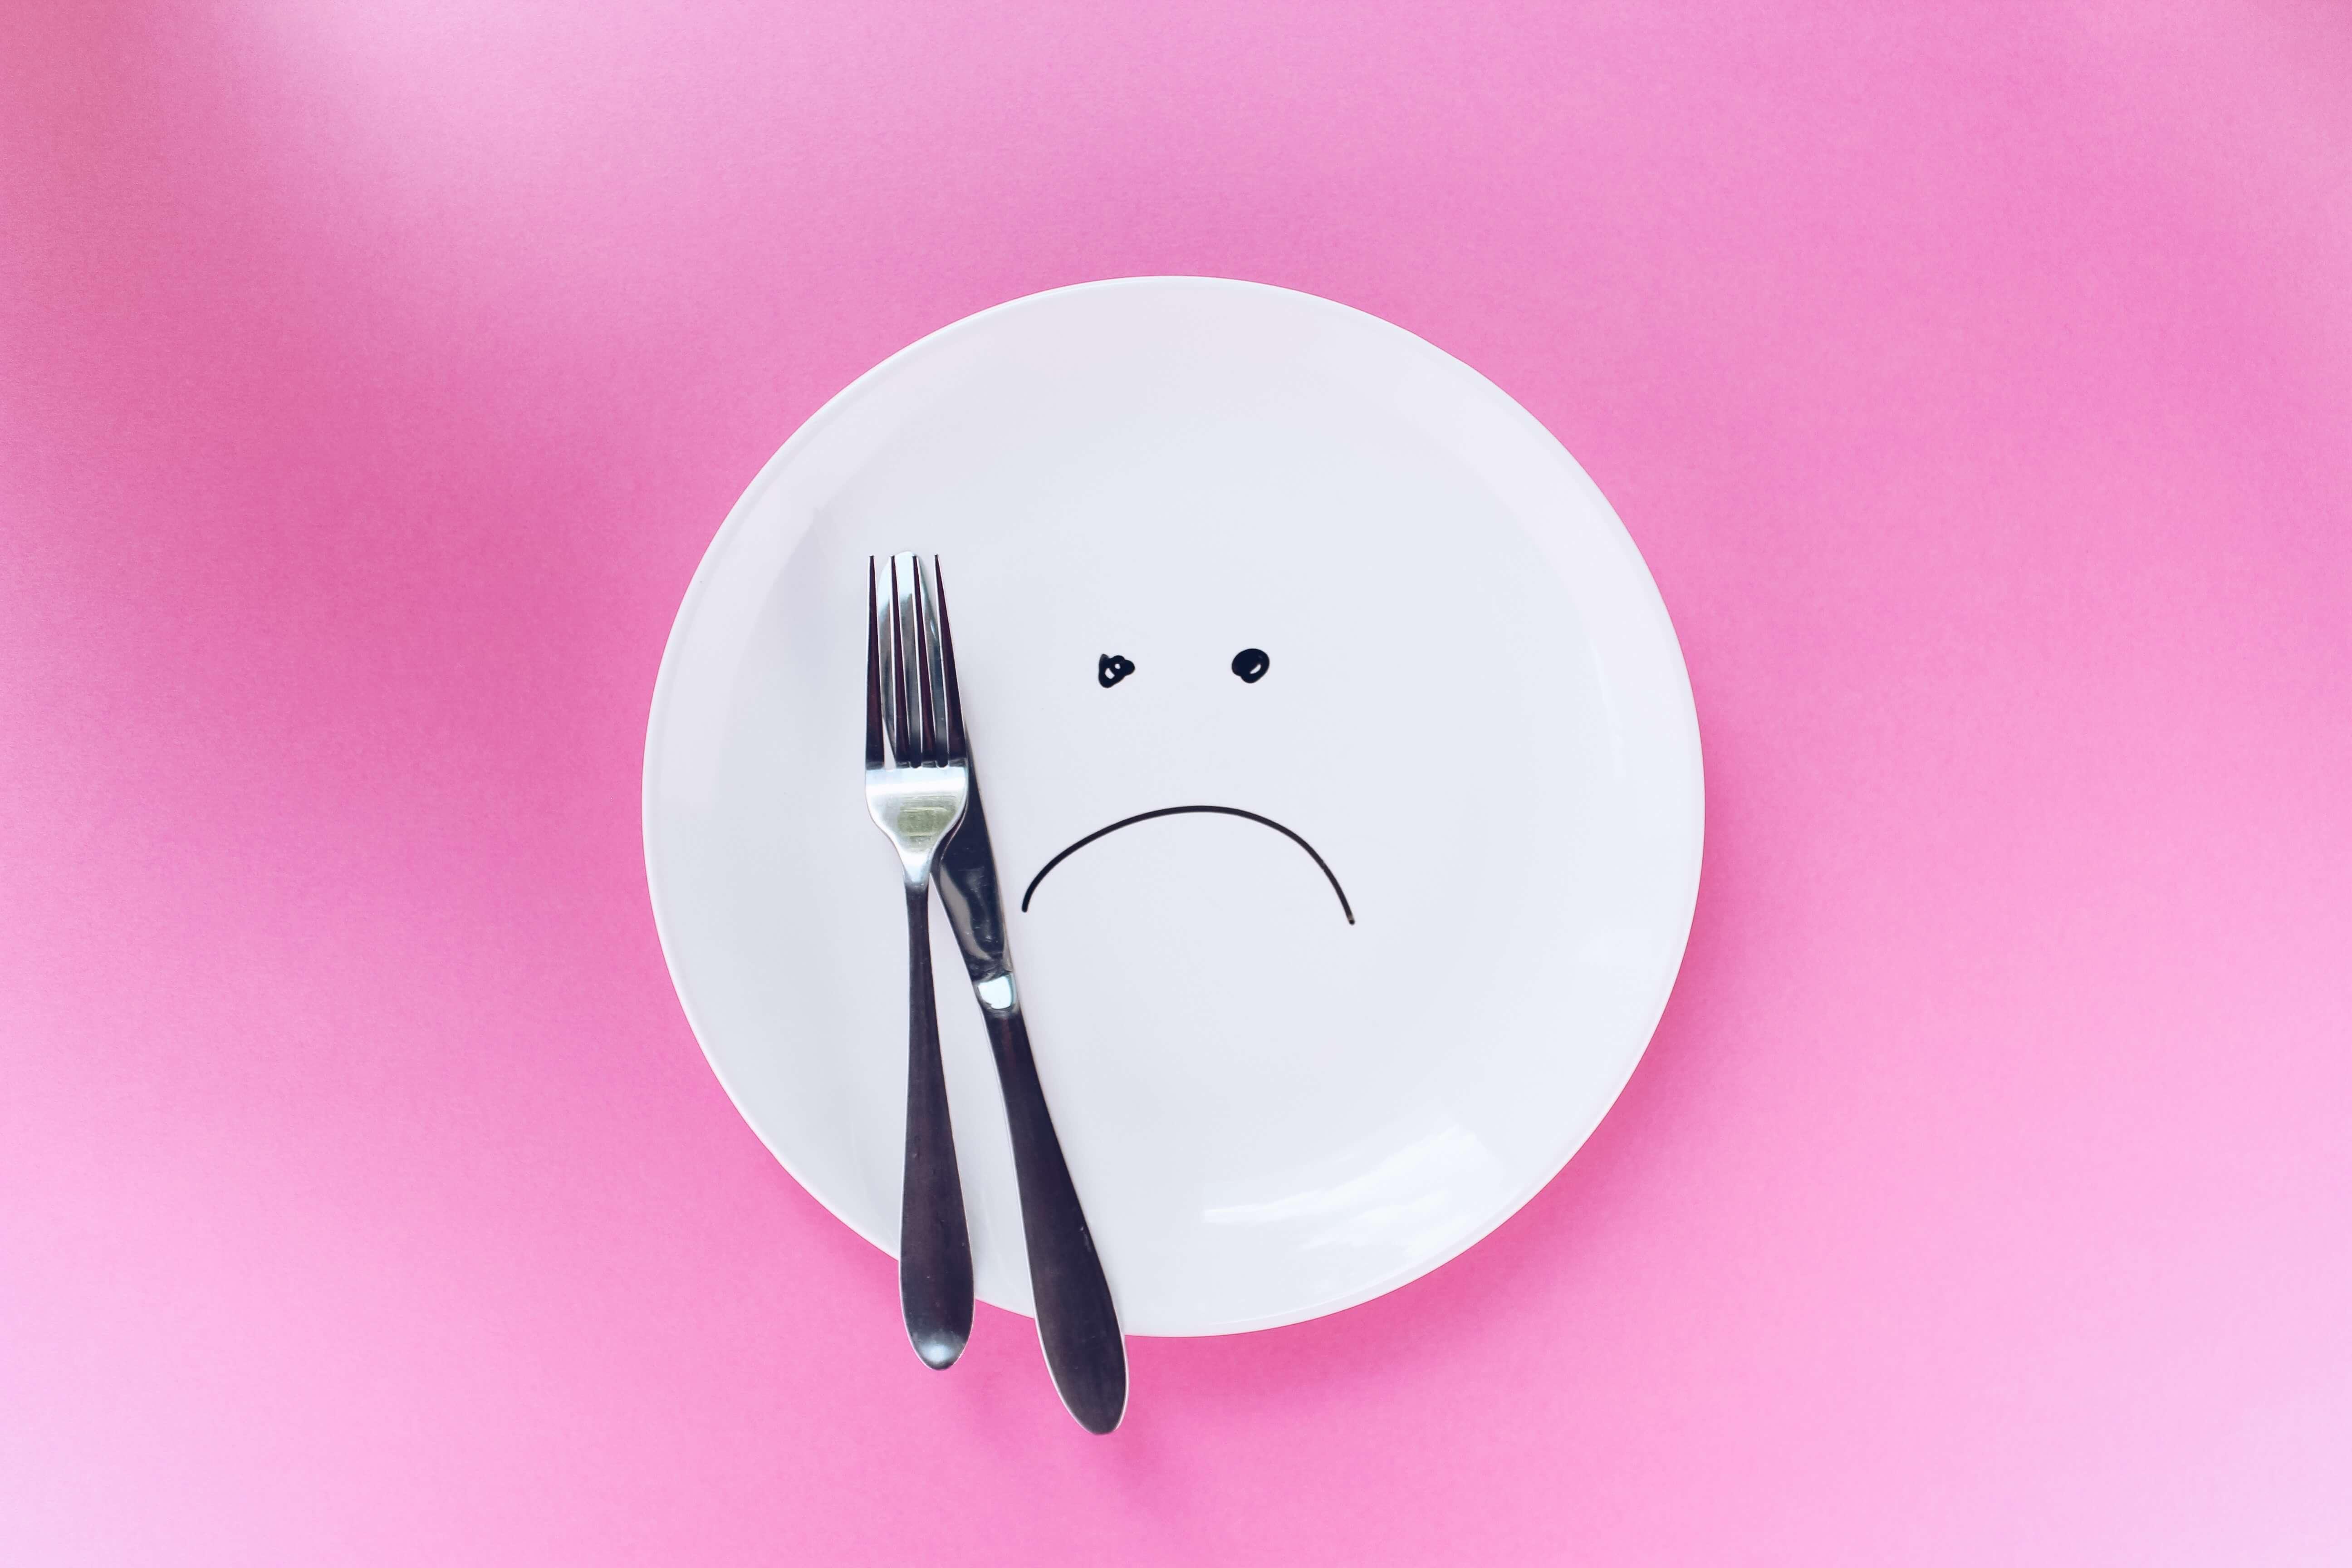 mincir sans régime